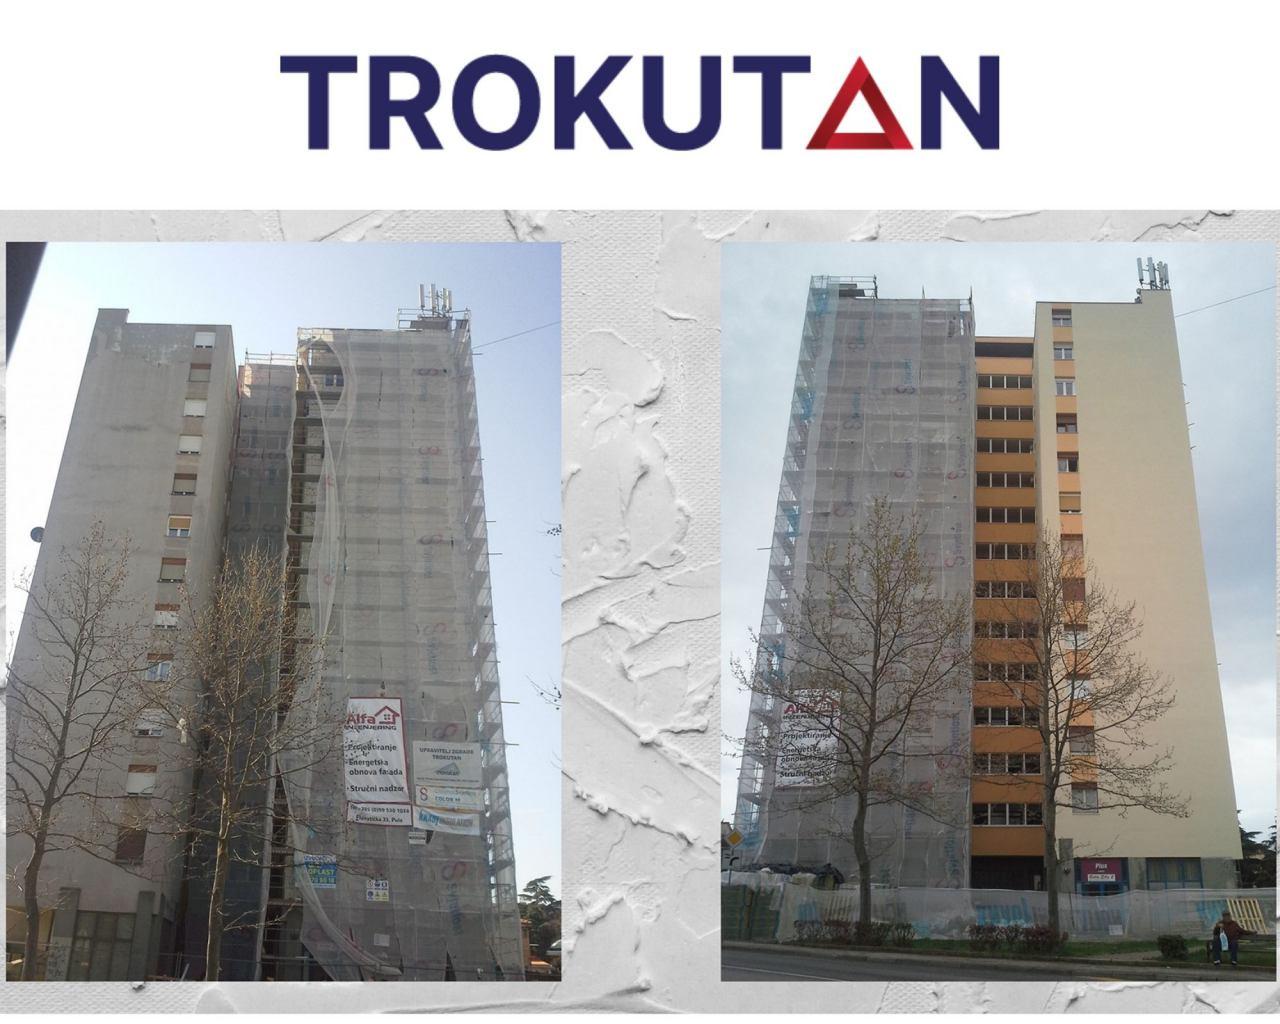 TROKUTAN